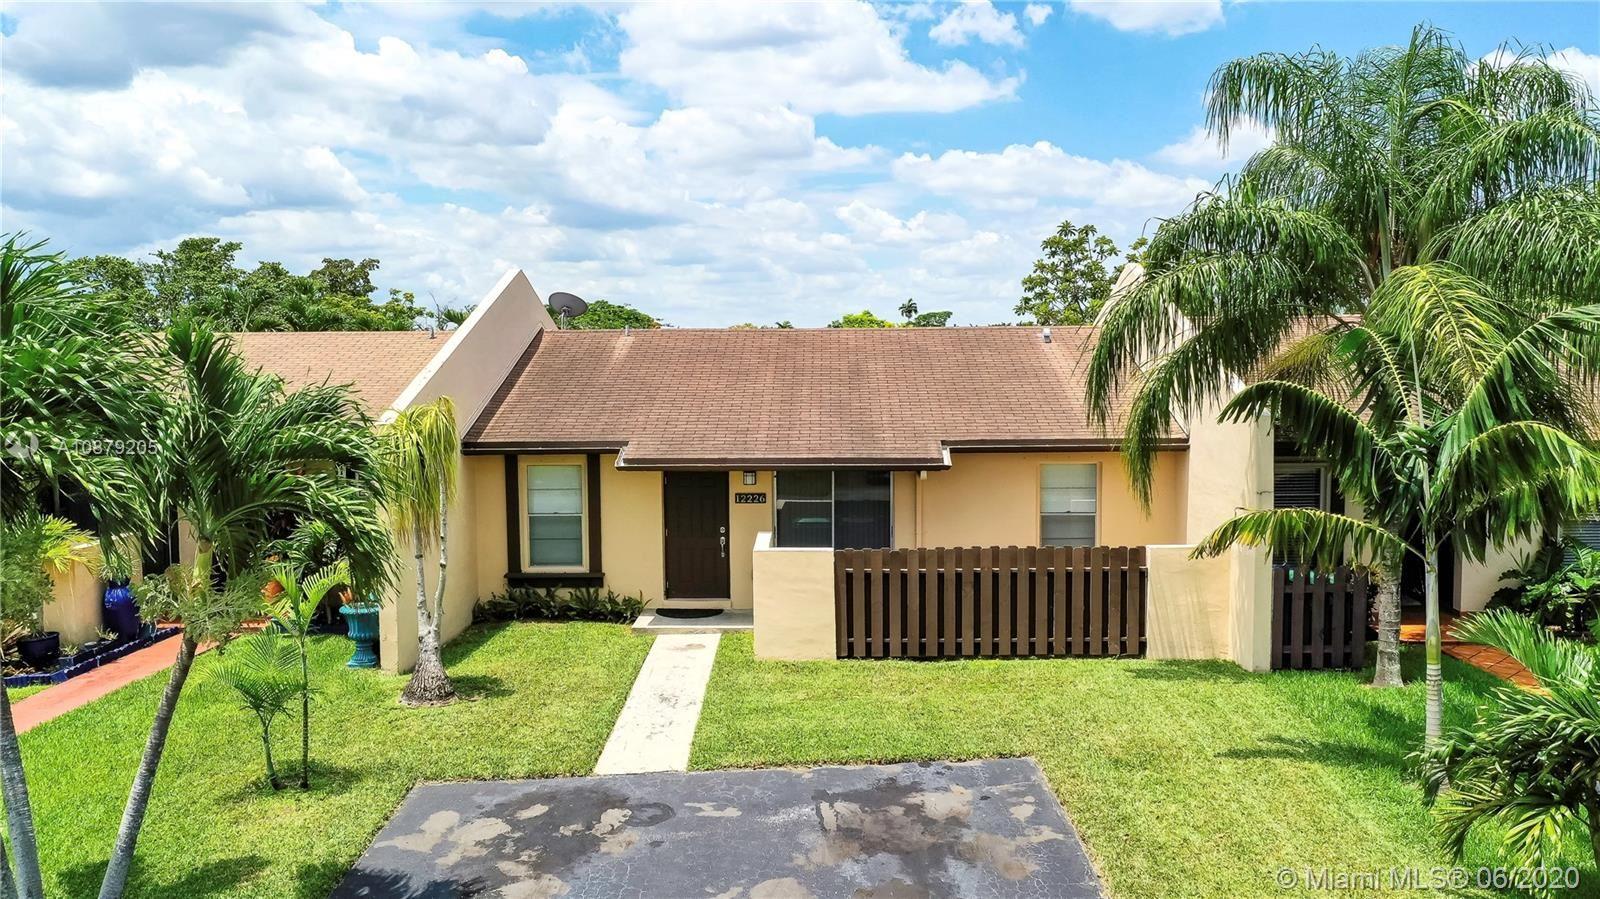 12226 SW 111th Ln #12226, Miami, FL 33186 - #: A10879205